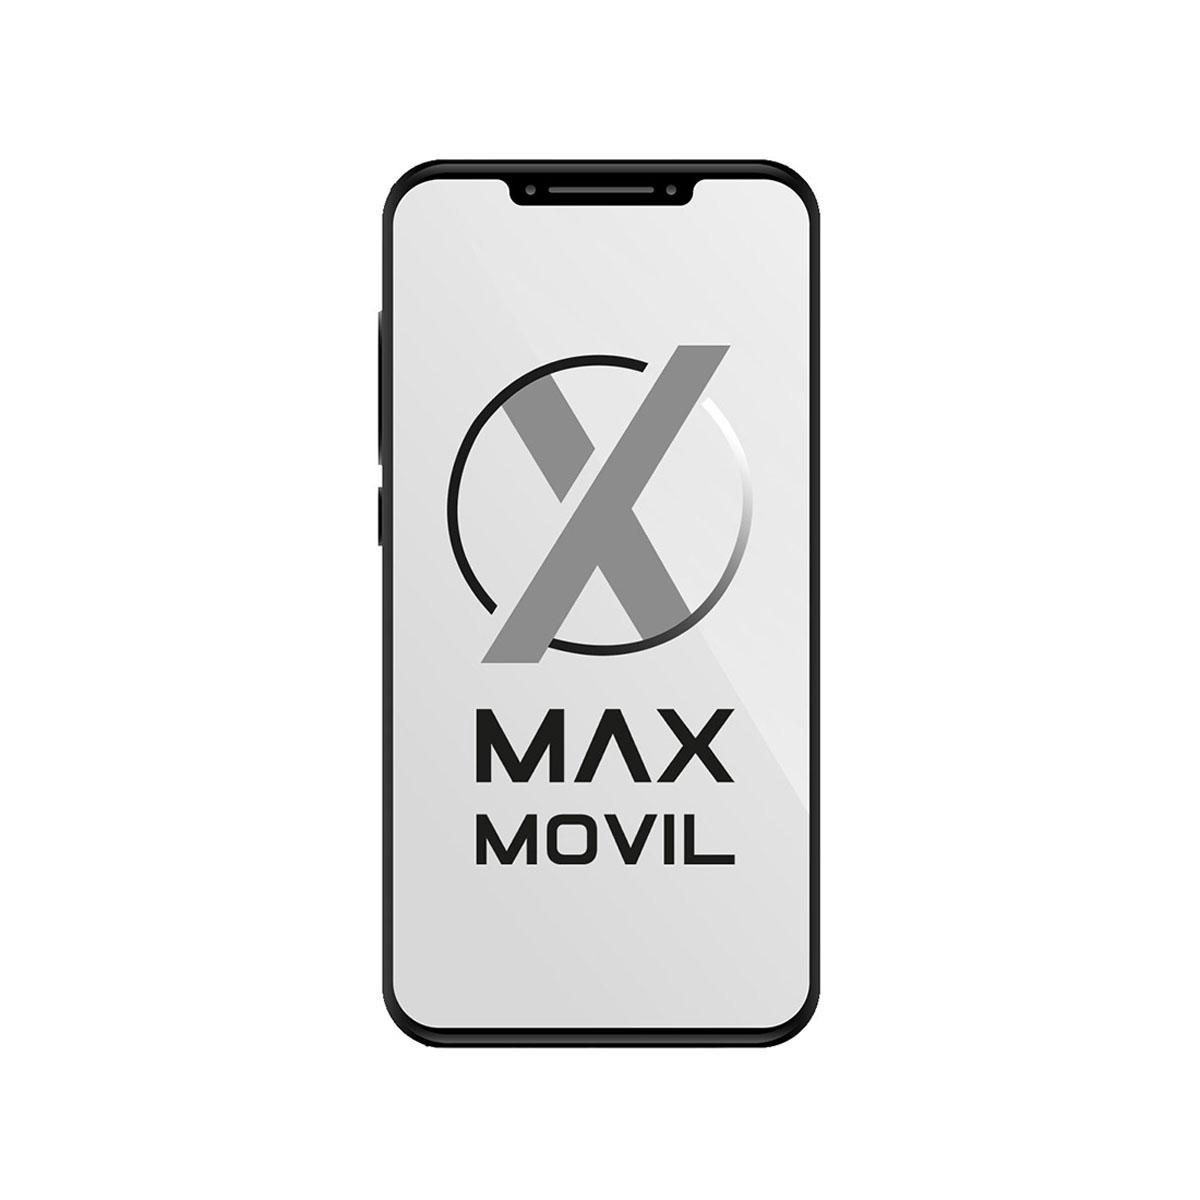 Telefono movil Iphone 8 , 64Gb , space grey , CPO ECORECICLADO GRADO A